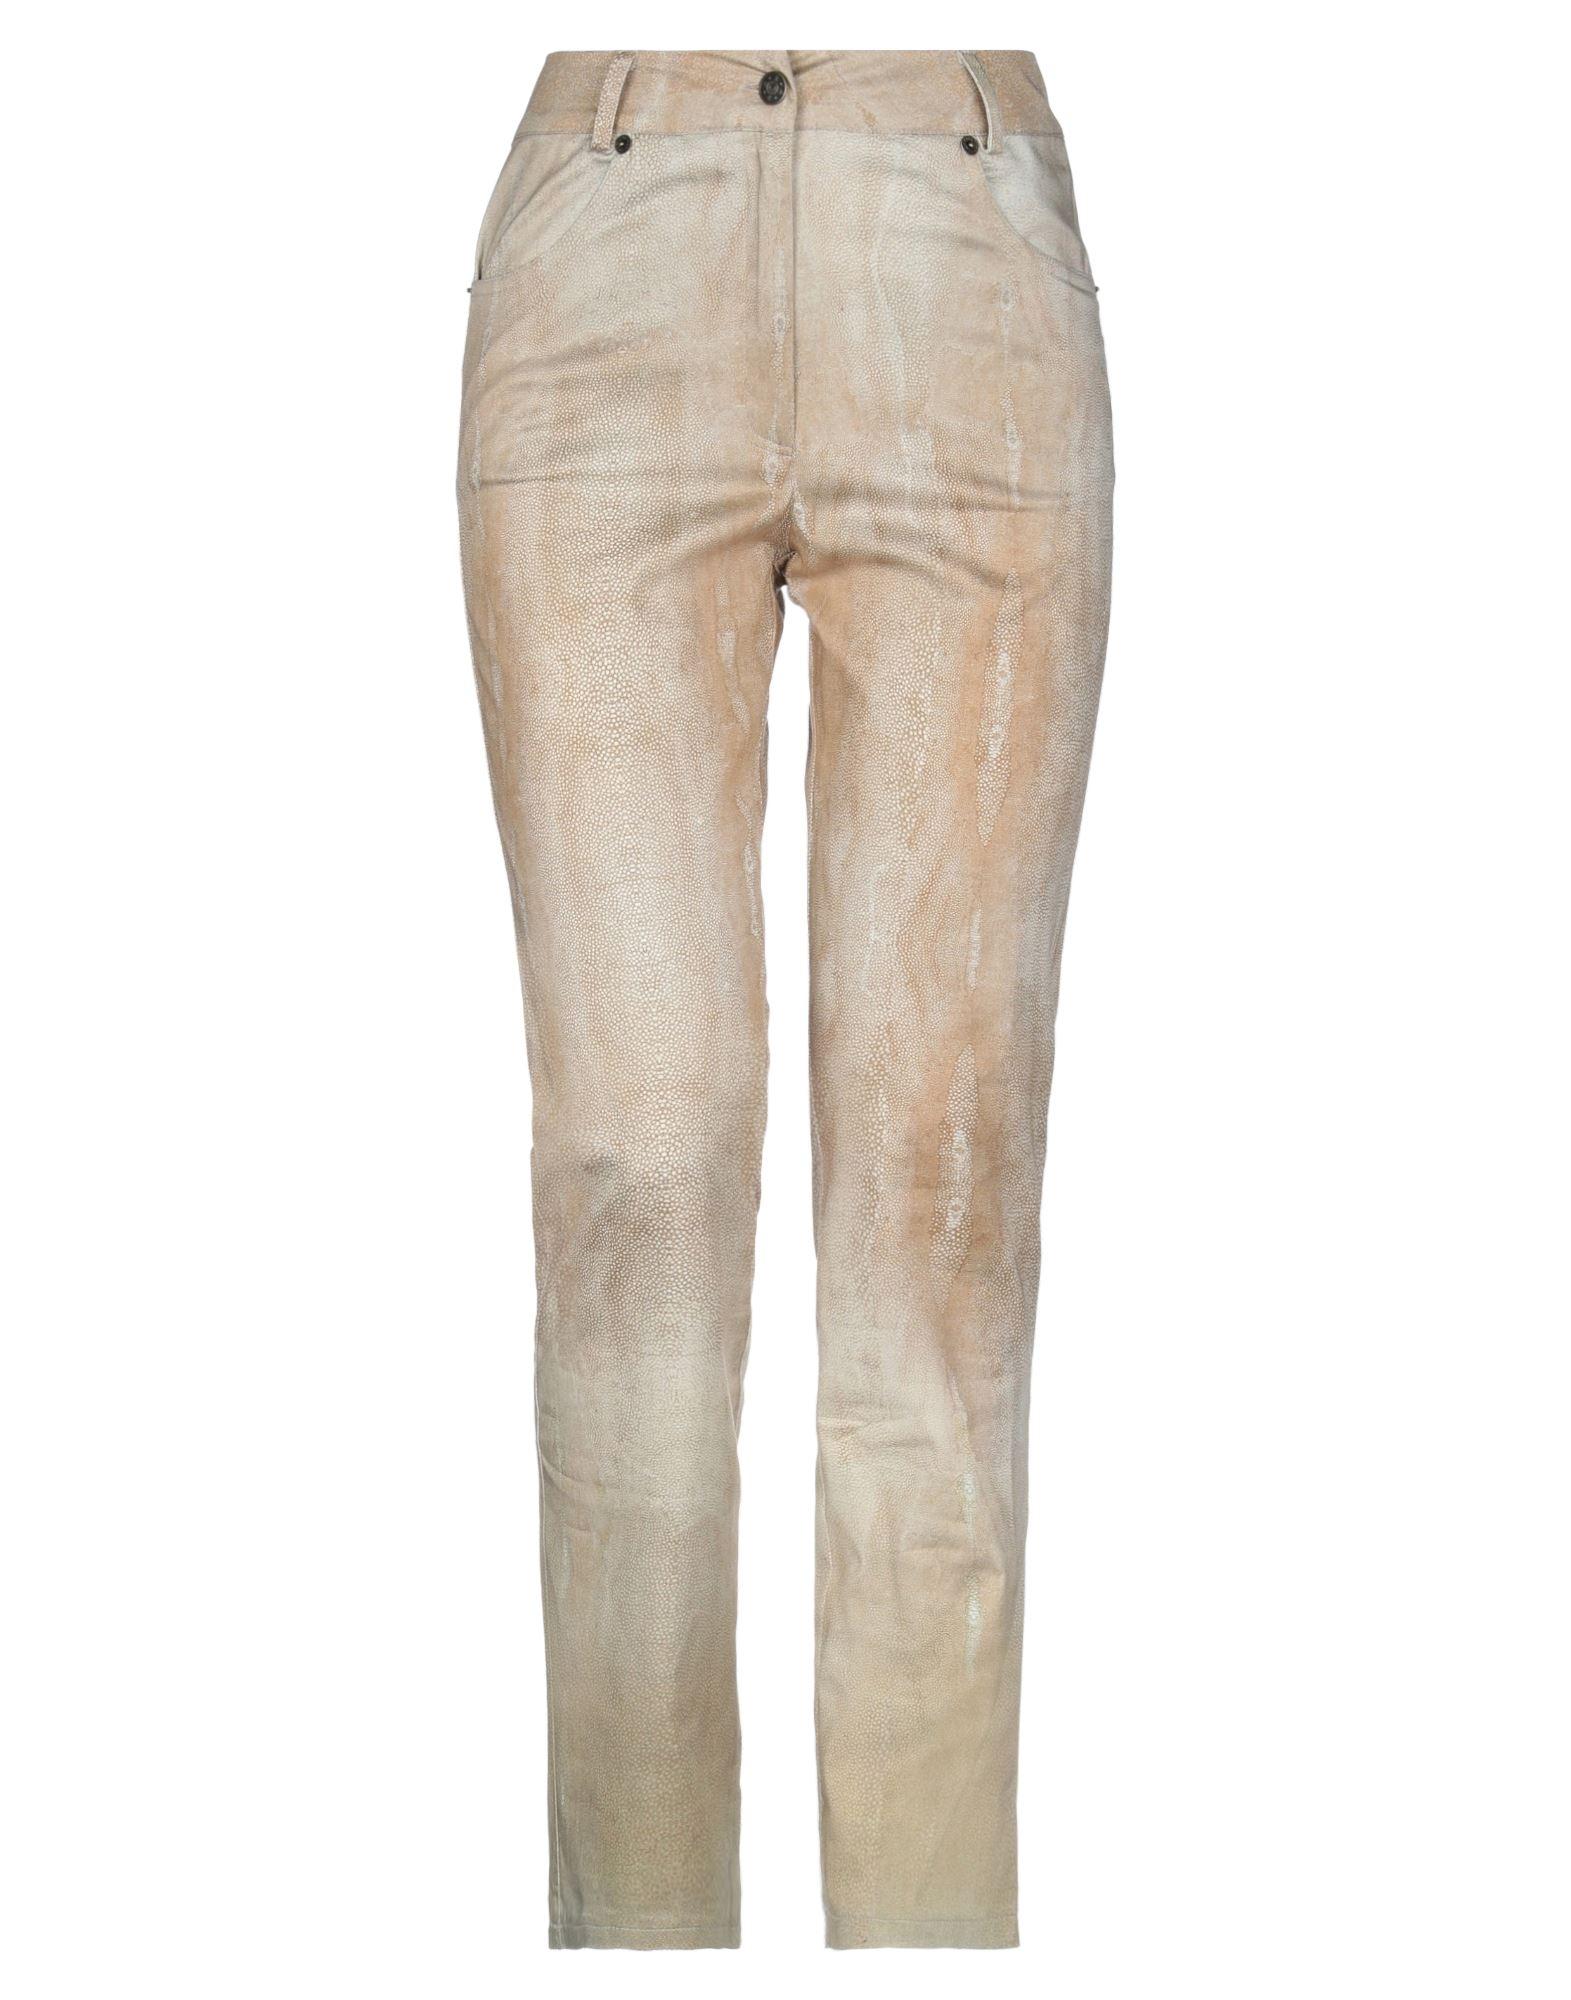 TRICOT CHIC Повседневные брюки tricot chic легинсы